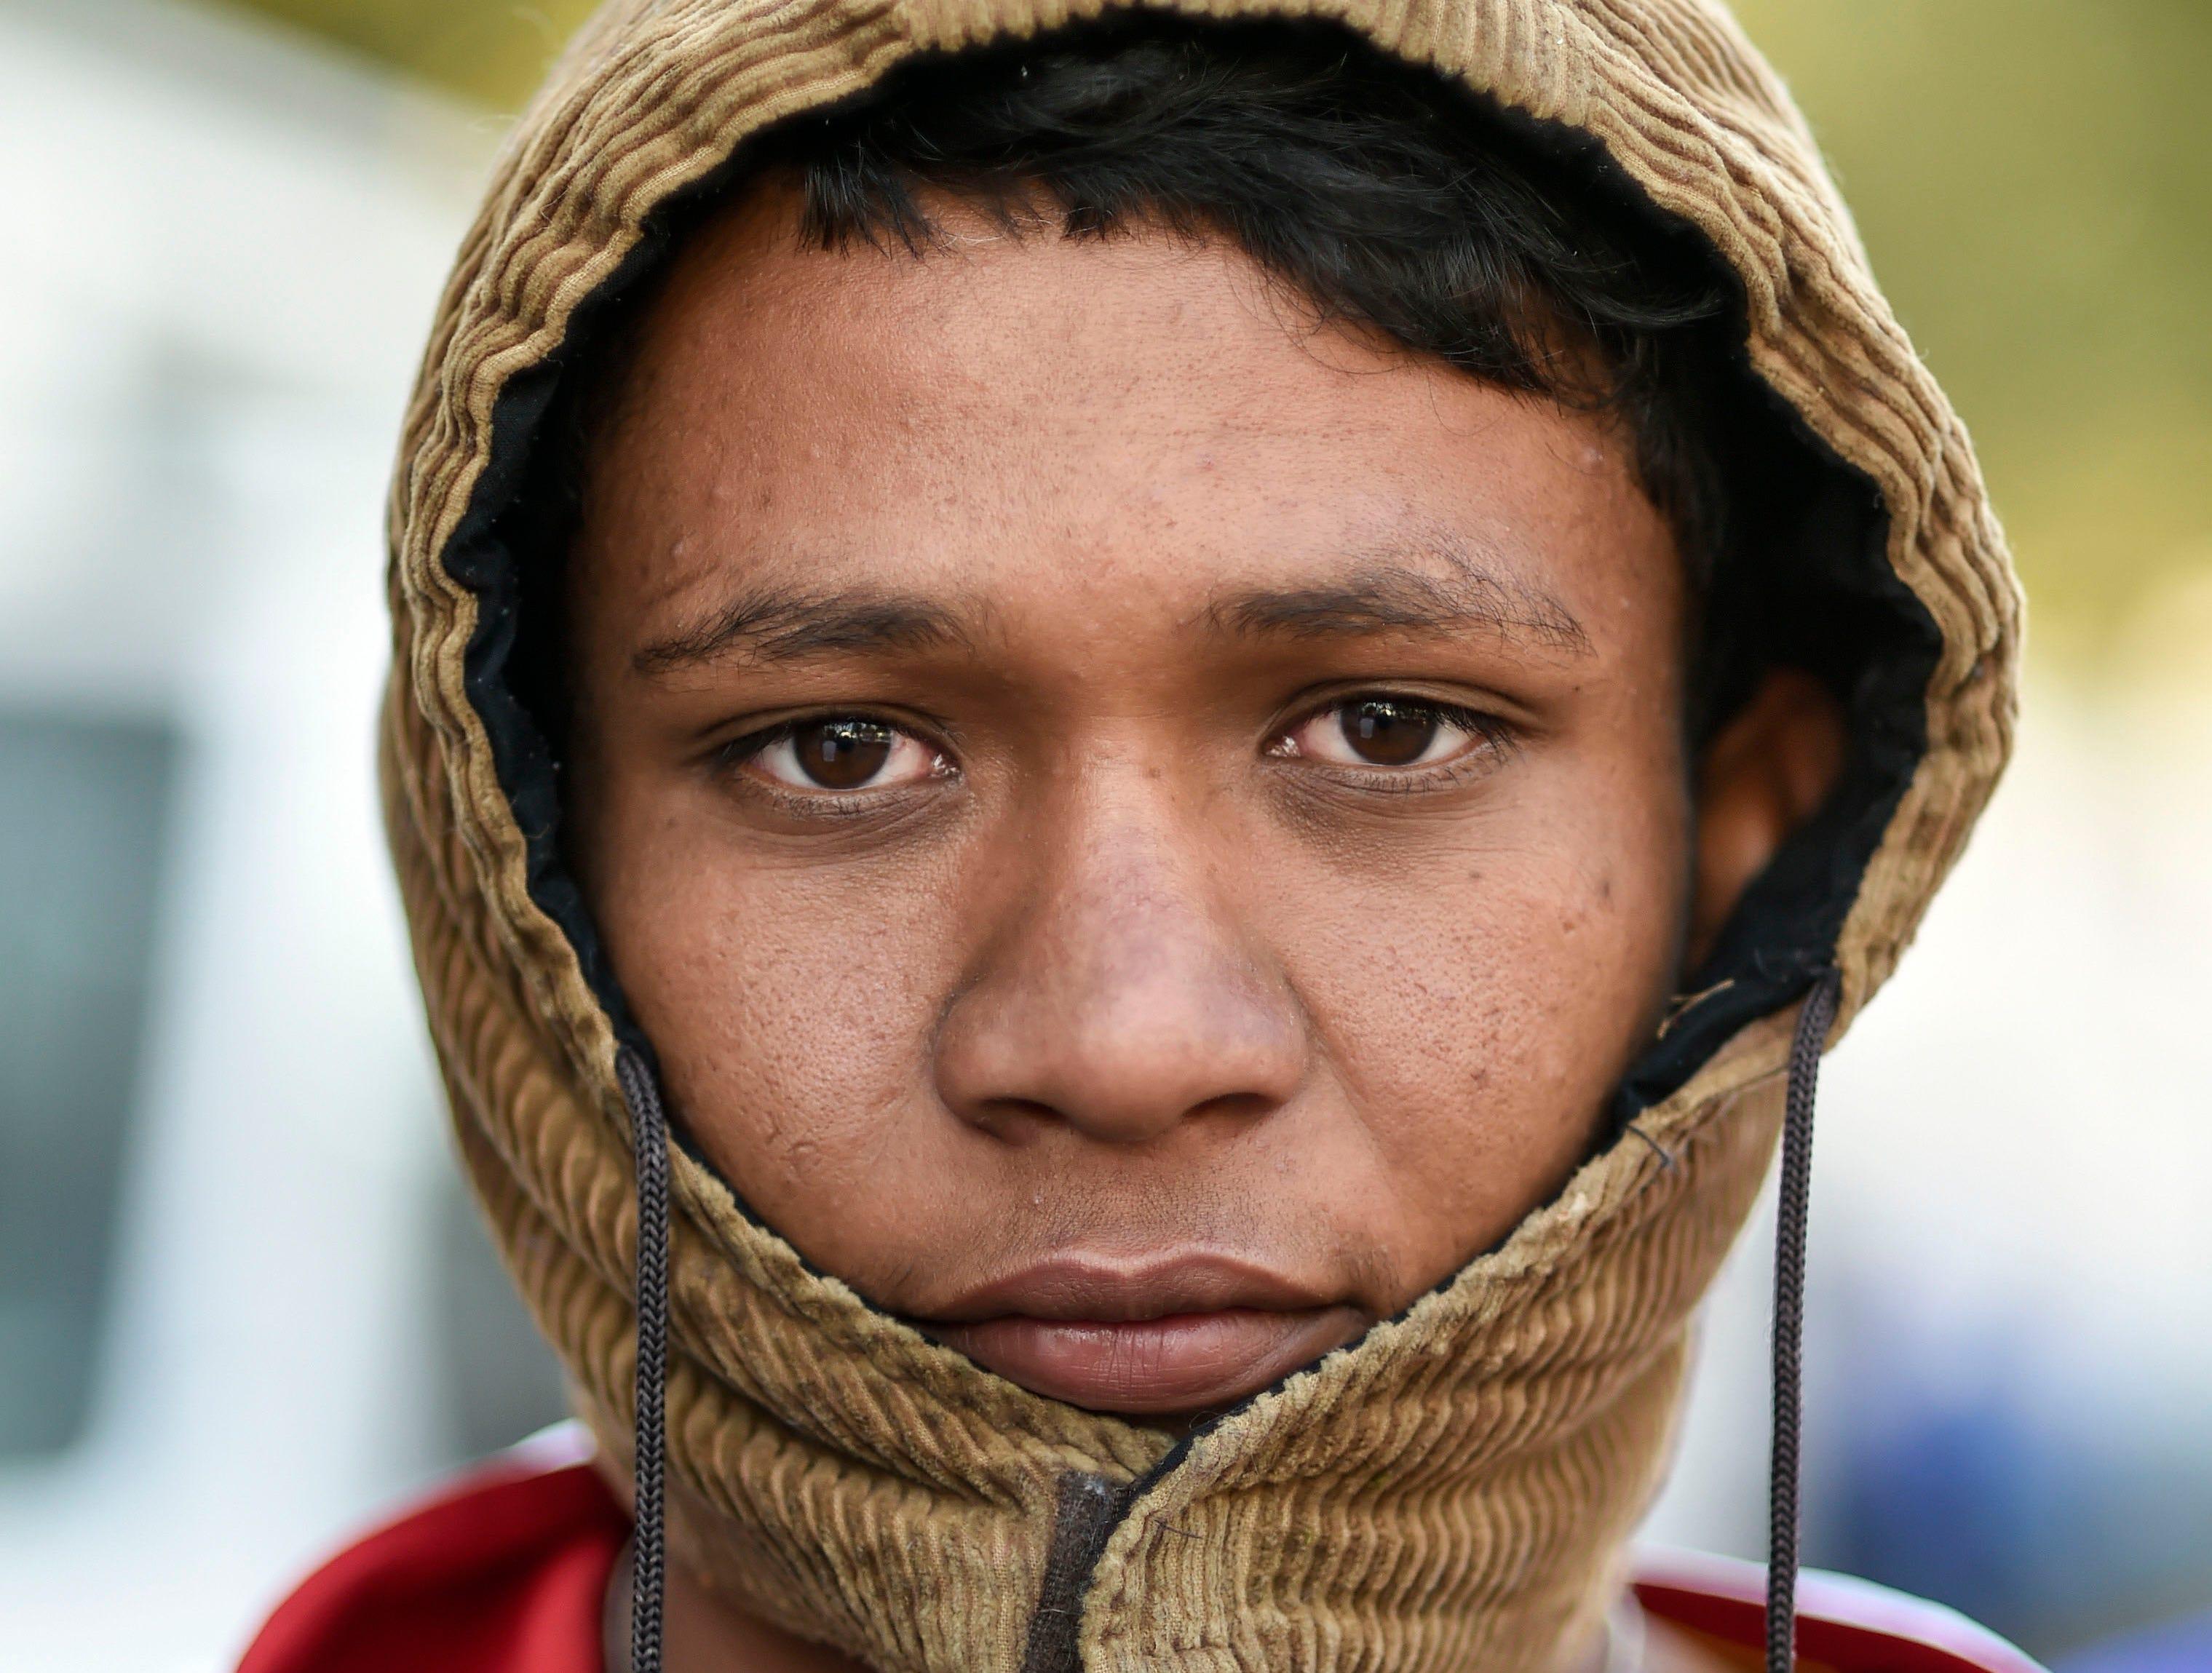 Ángel Antonio, hondureño, 20 años. Estos son los rostros de los migrantes centroamericanos que huyen de la pobreza y violencia que se vive en sus países; y que por medio de una caravana caminan cientos de kilómetros cruzando ciudades, ríos, carreteras, bosques y fronteras, con el firme propósito de hacer realidad su sueño de llegar a los Estados Unidos.